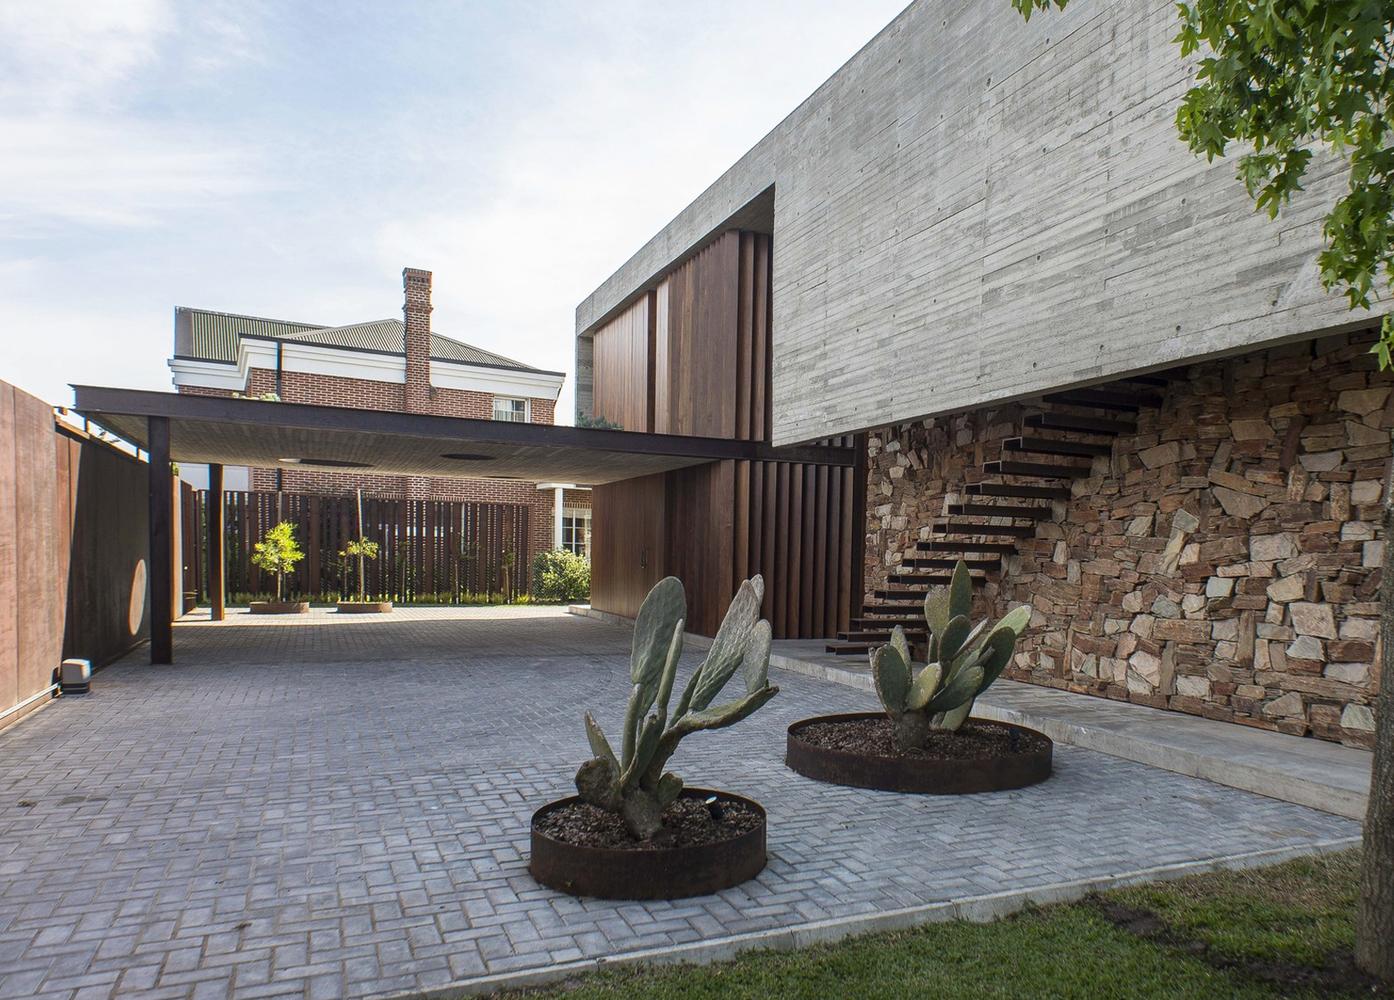 Esquemas funcionales: estrategias de organización programática en casas de Argentina,Casa AD / Estudio M3. Image © Luis Barandiarán